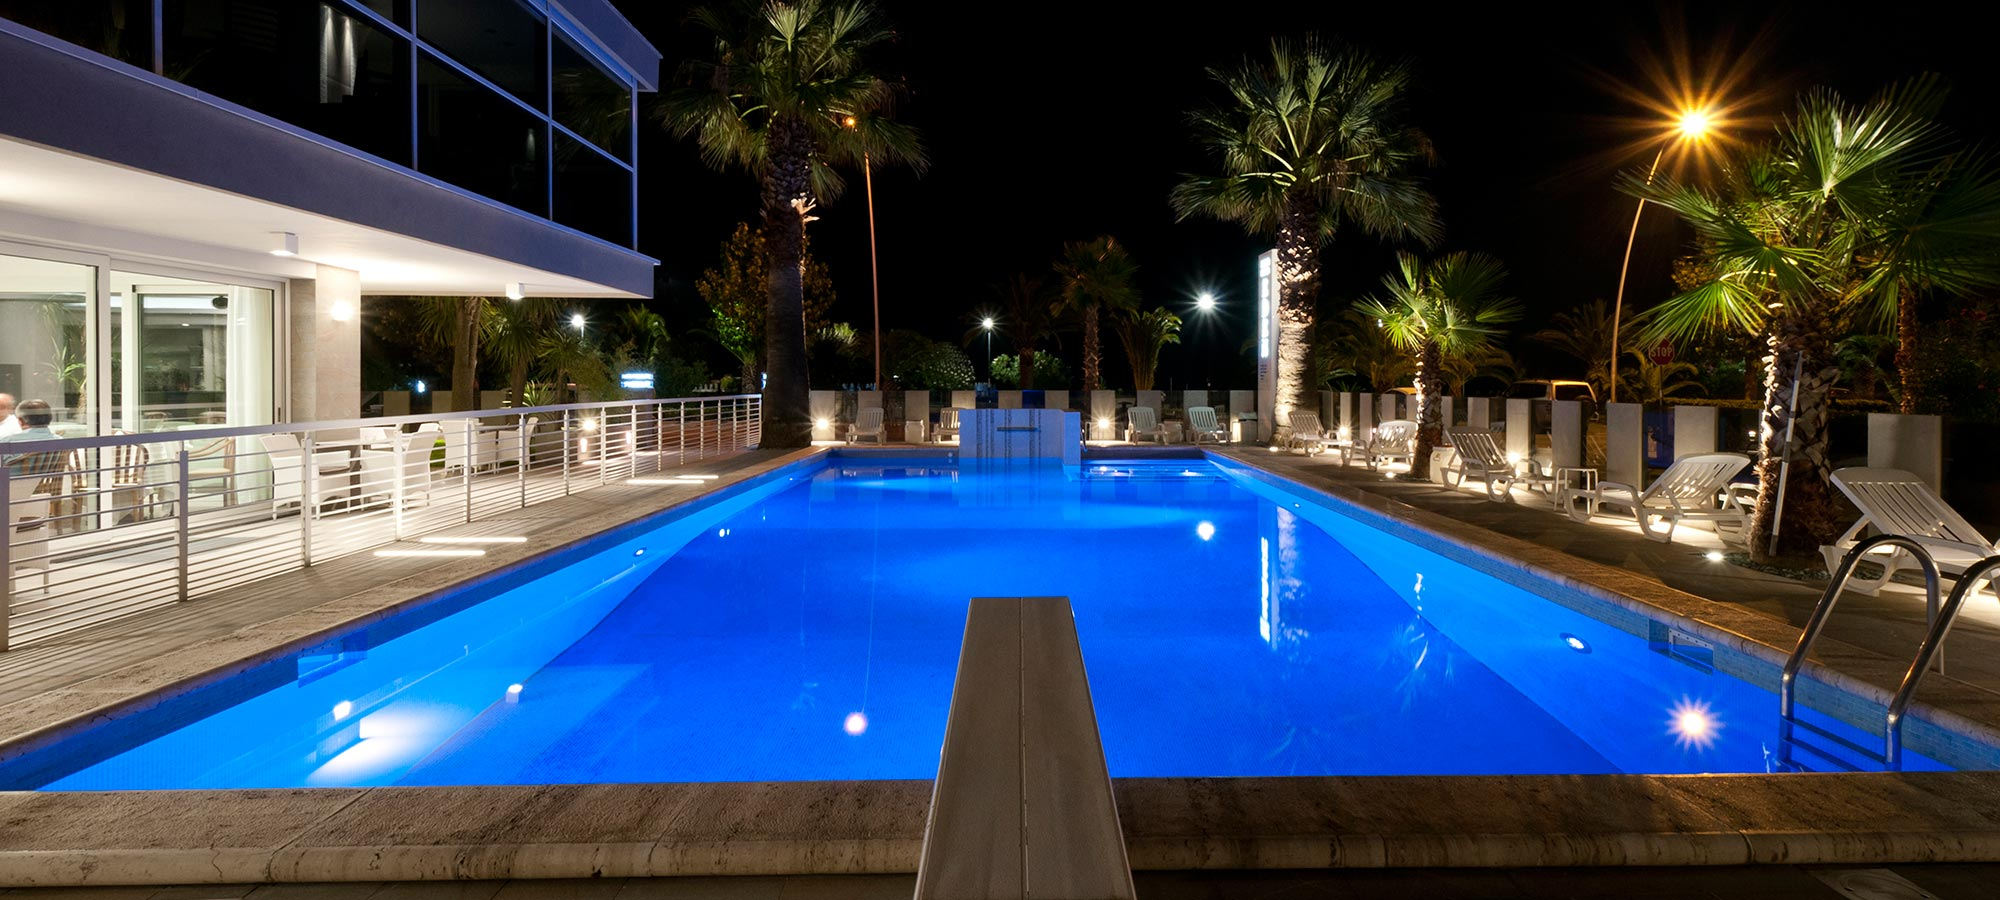 Hotel alba adriatica con piscina hotel eden - Hotel con piscina abruzzo ...